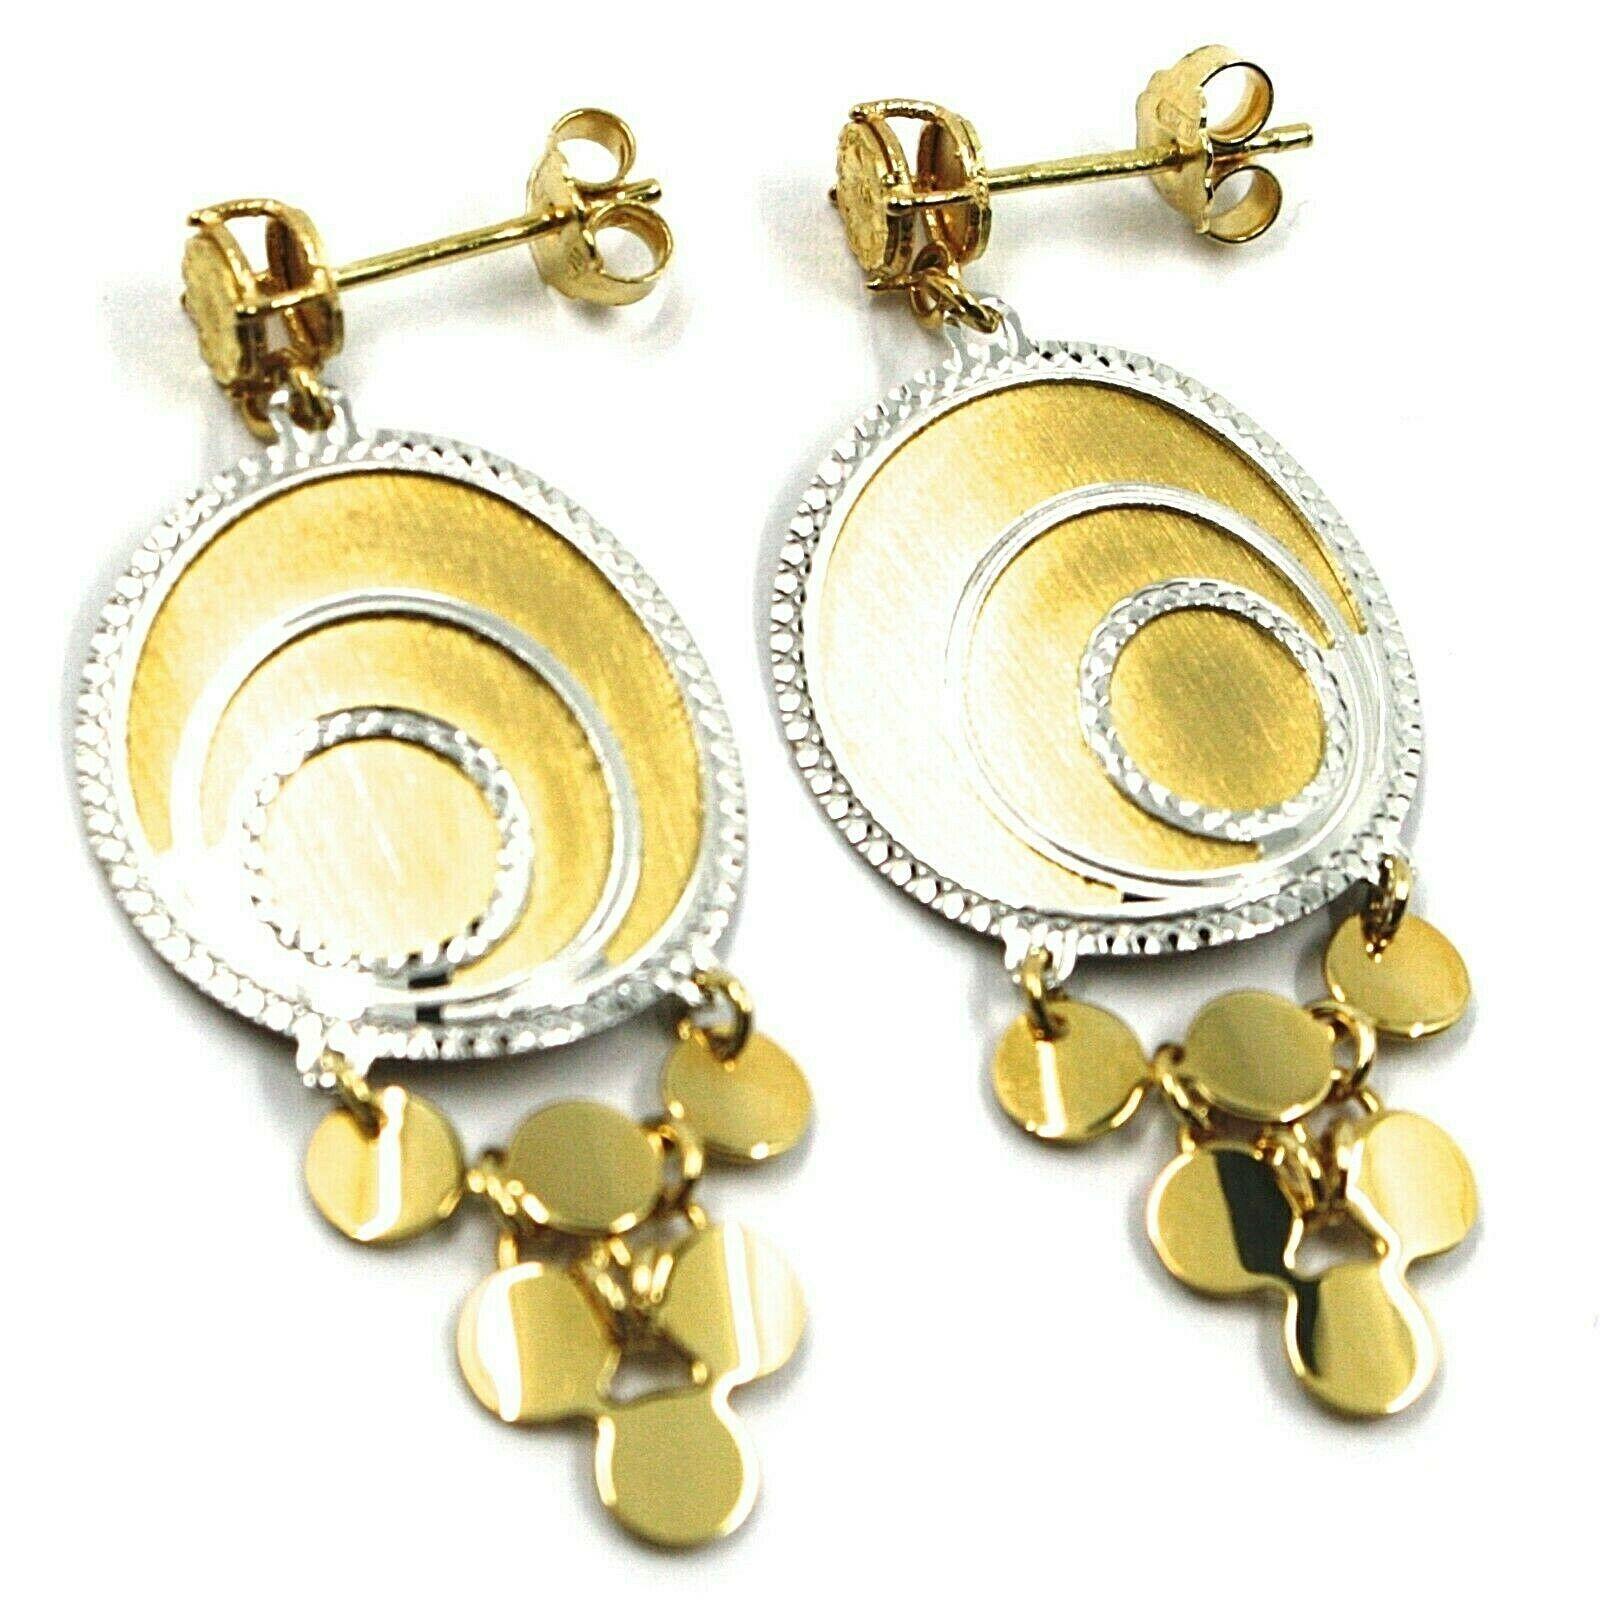 18K YELLOW WHITE GOLD PENDANT EARRINGS, SATIN FRAMED SPIRAL DISC, BUNCH, 4.5 cm